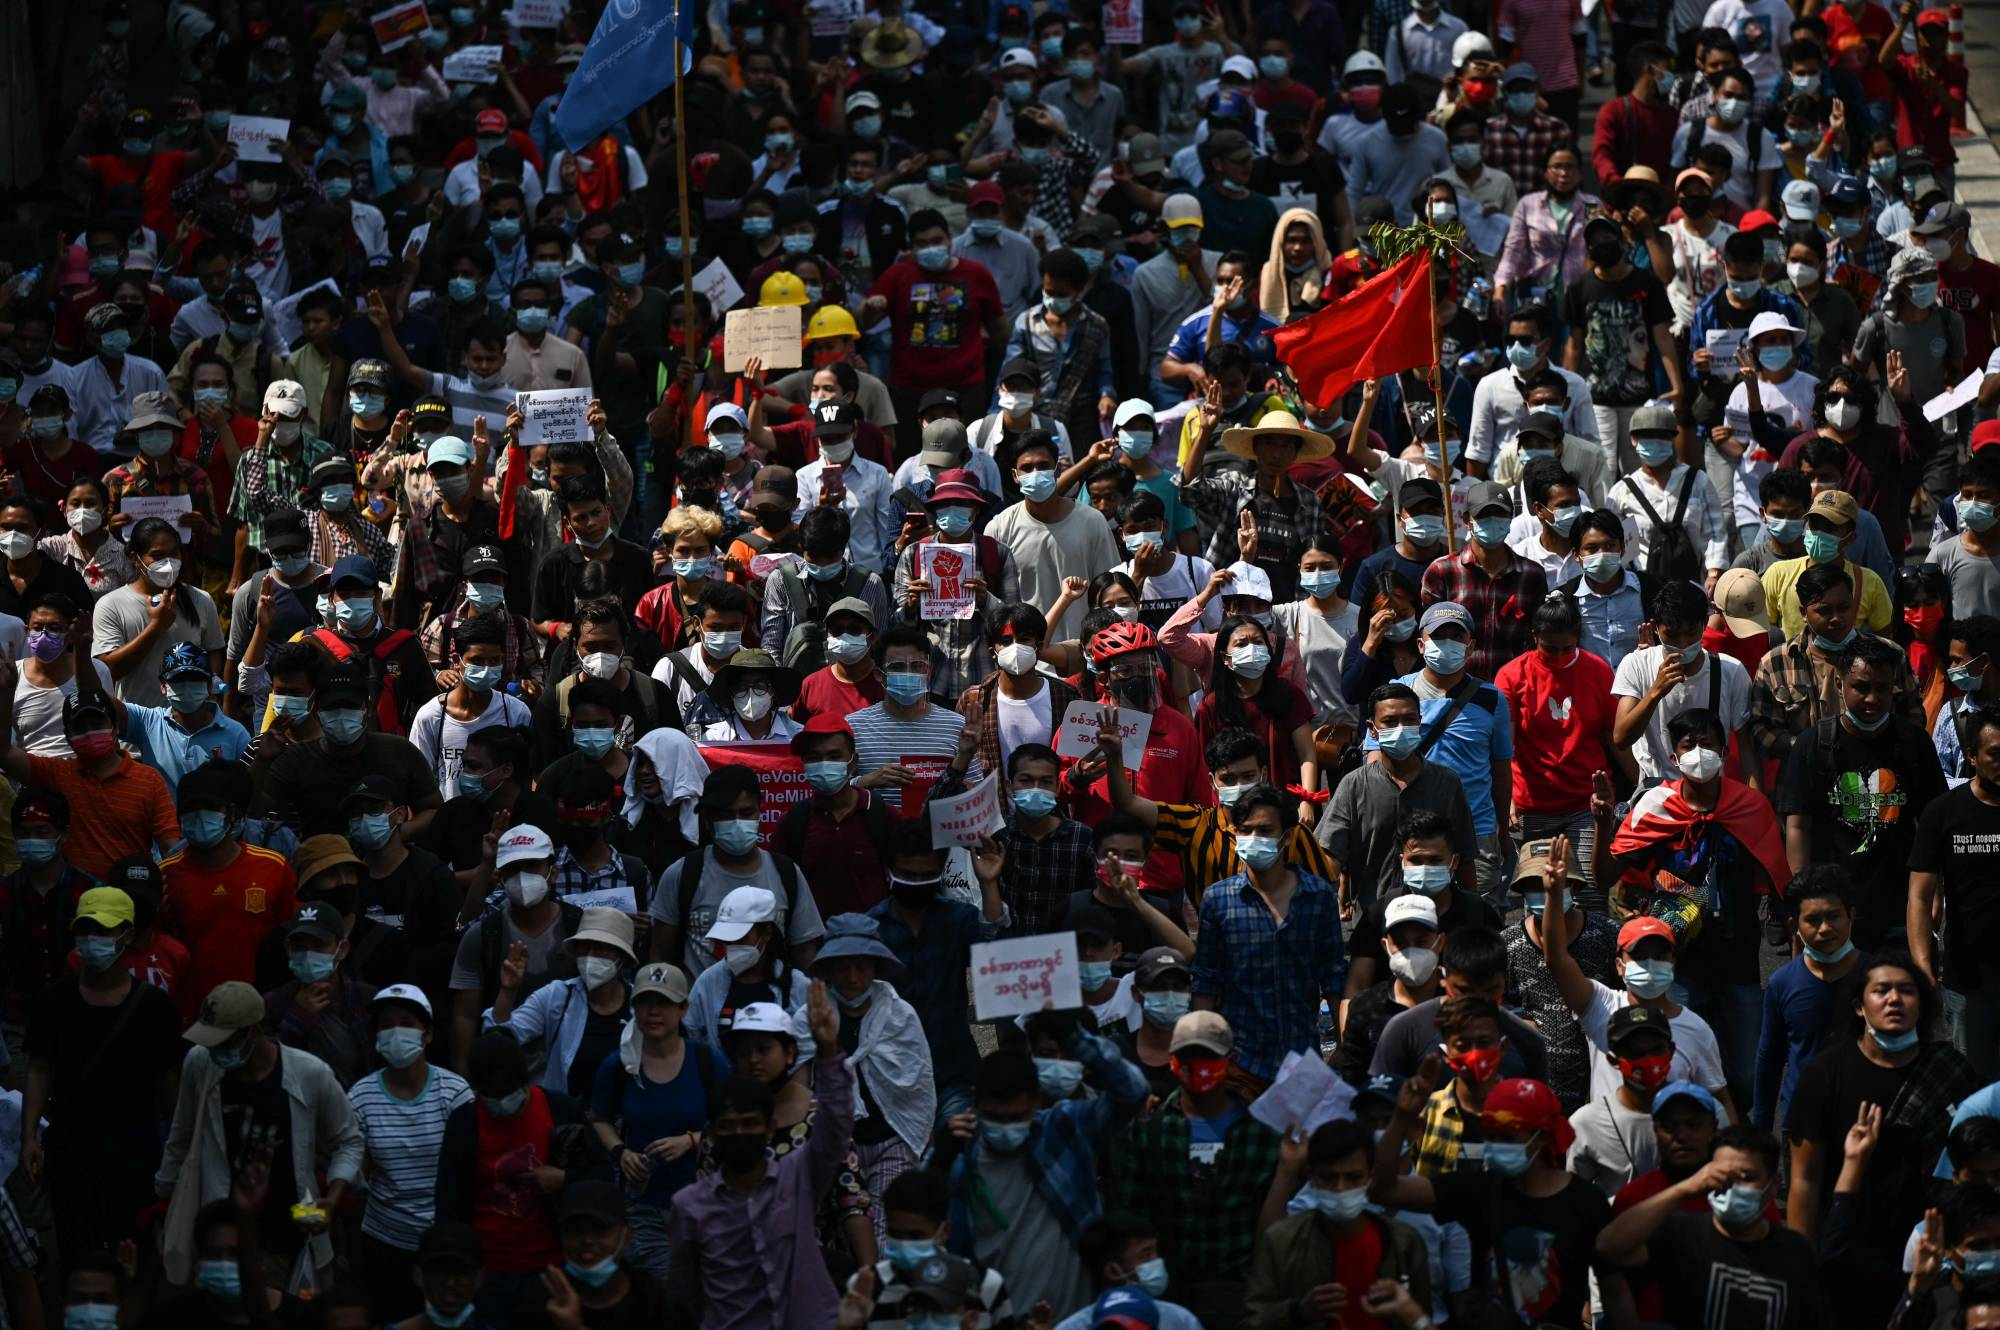 В крупных городах Мьянмы вновь прошли многотысячные акции протеста